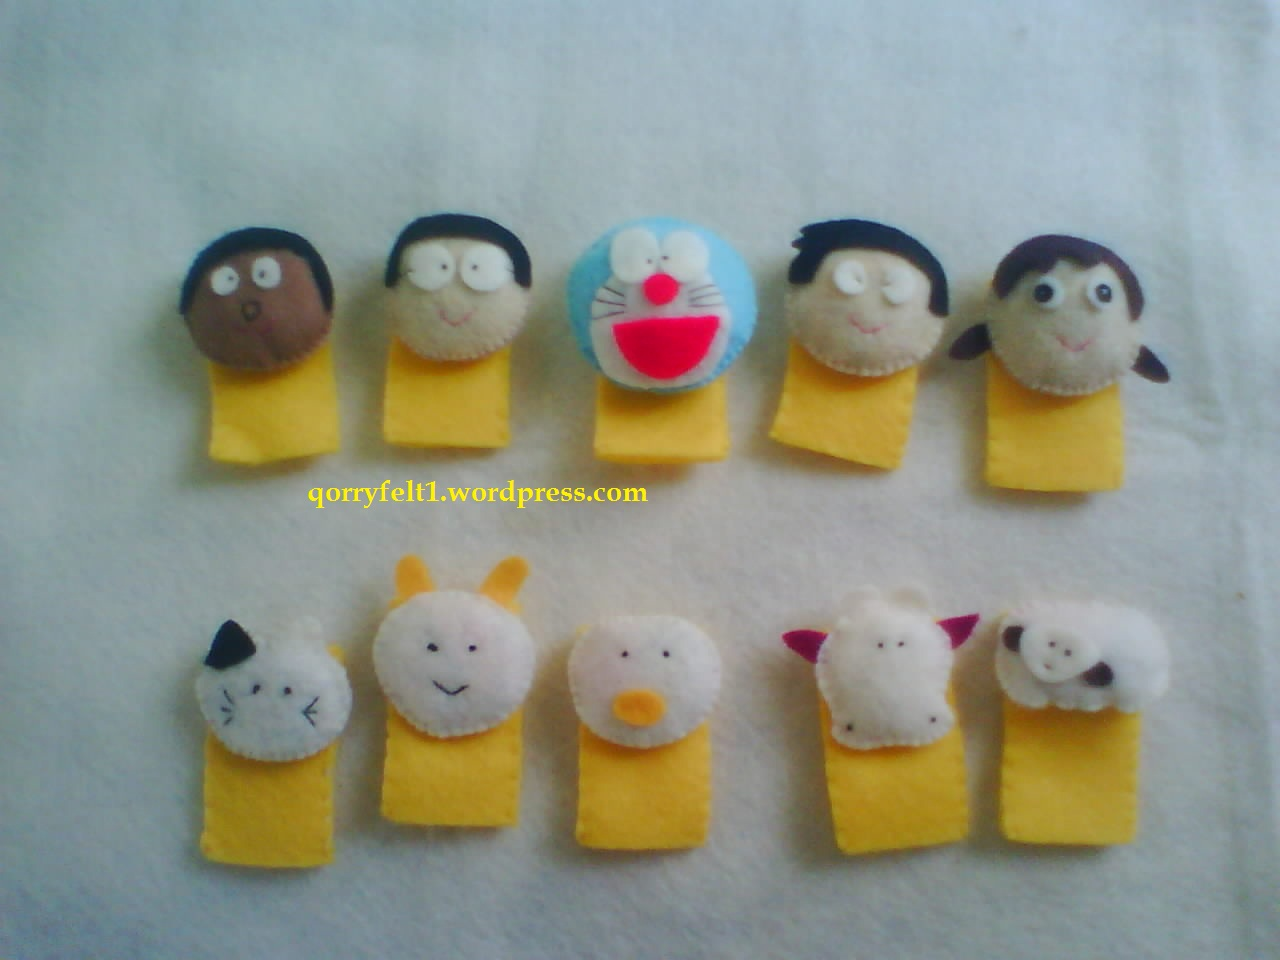 Boneka jari flanel untuk mendongeng, edukasi untuk anak-anak paud dan